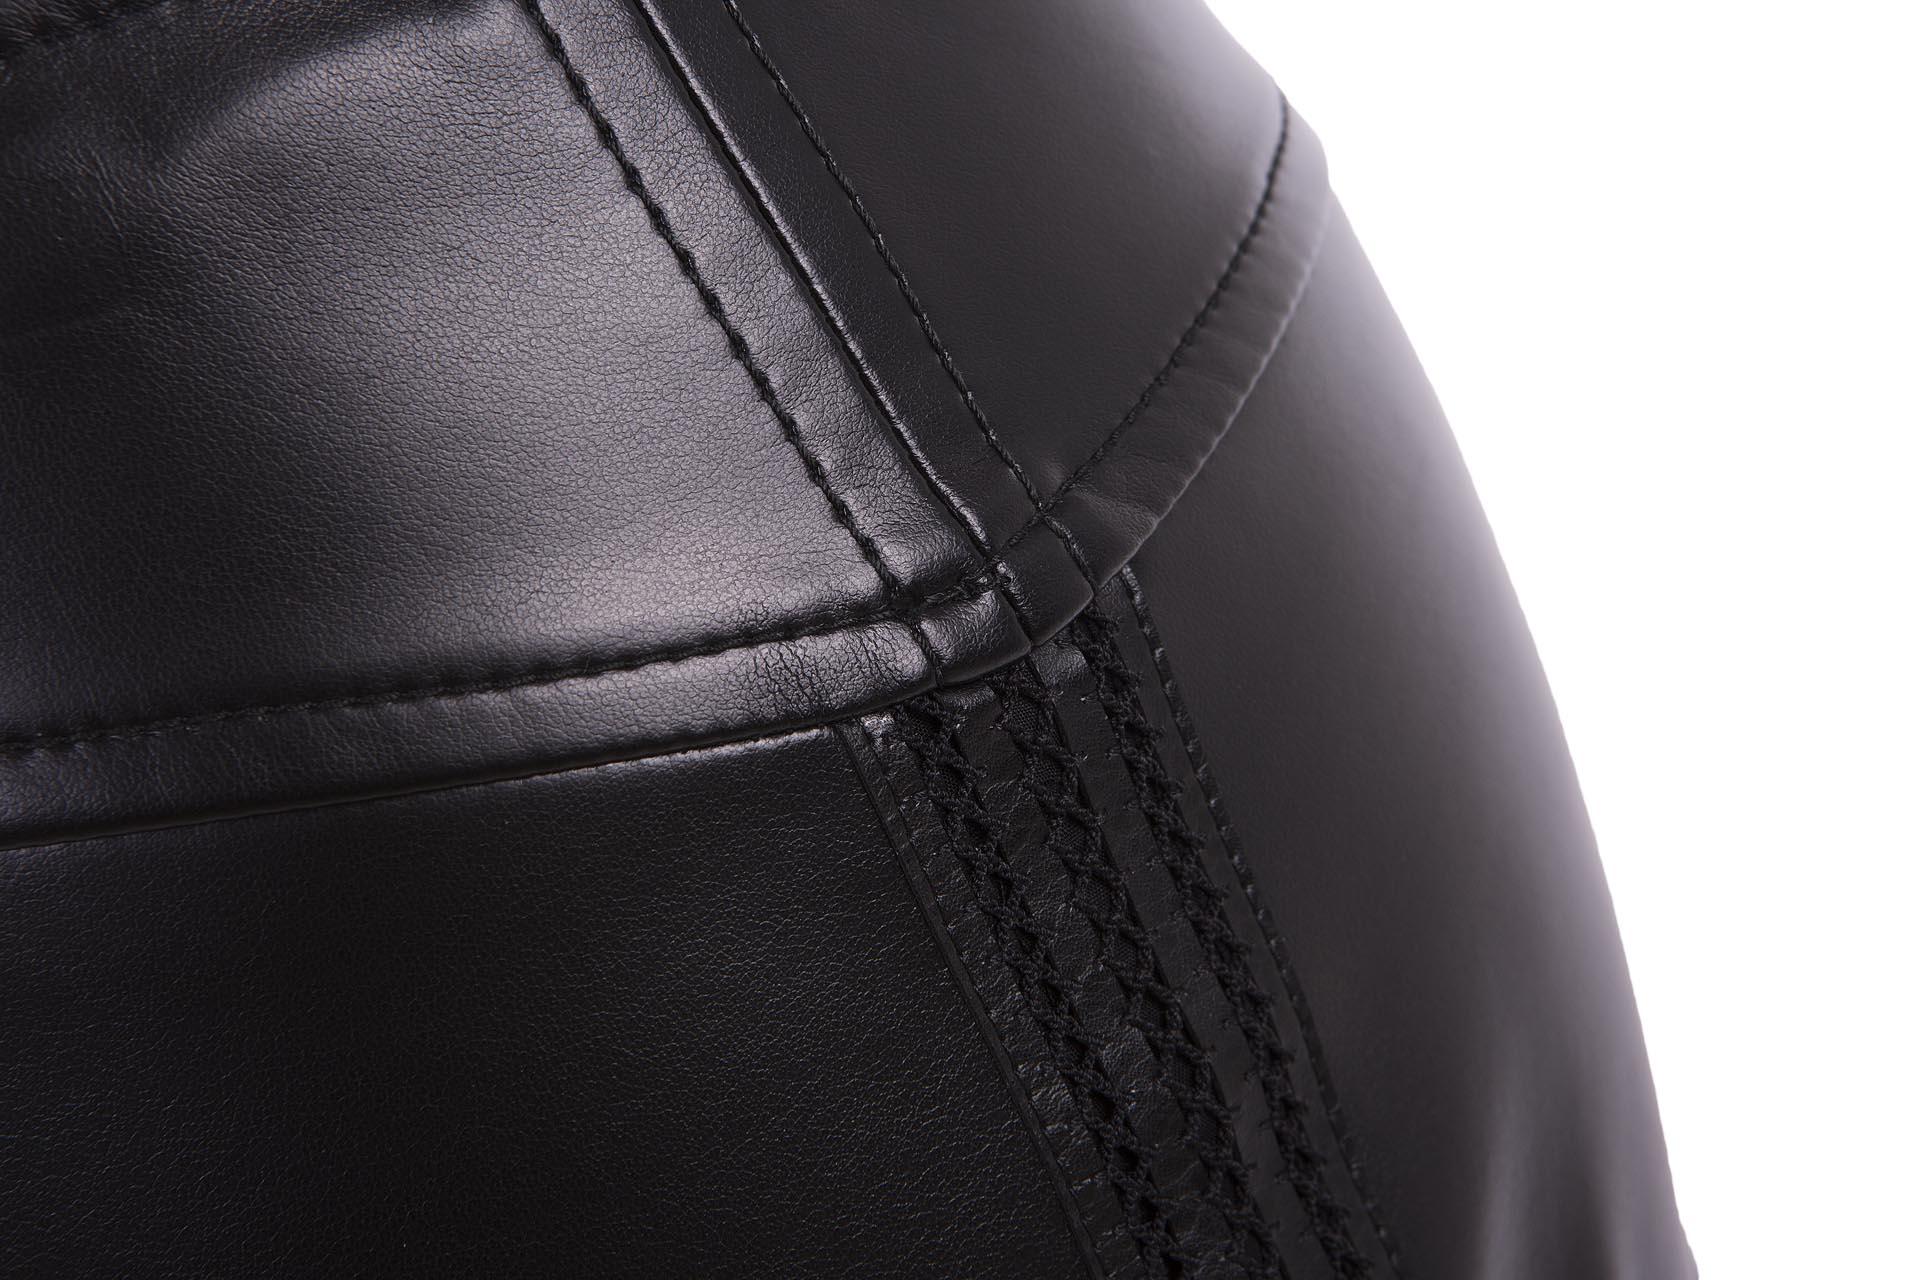 gdl_produzione_abbigliamento_sora_063